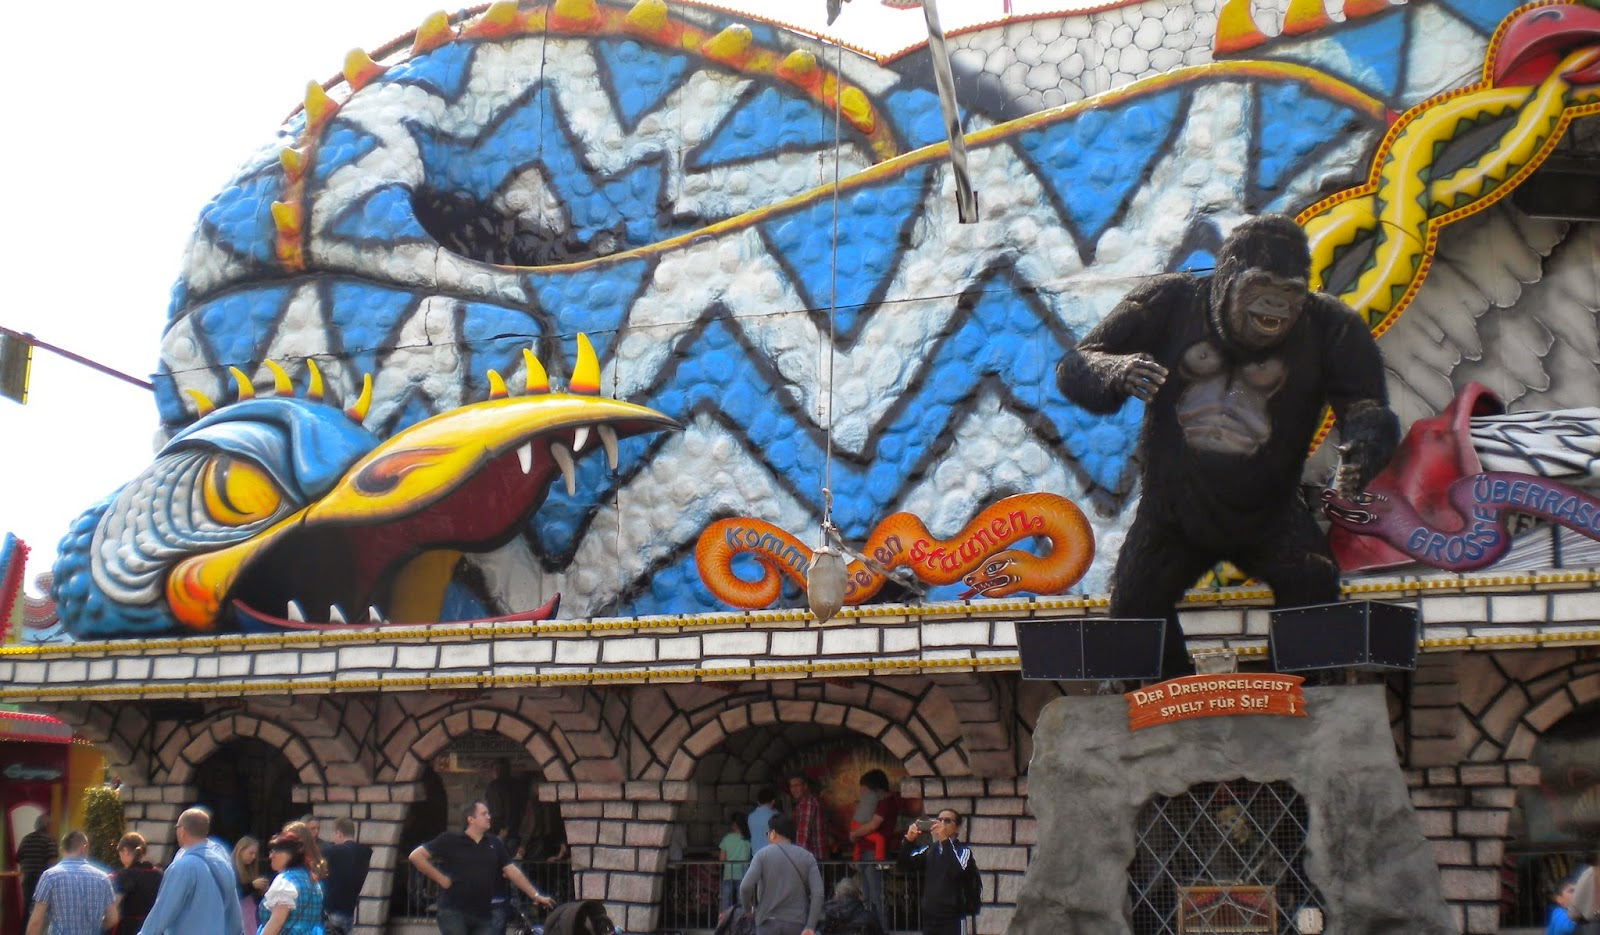 http://briannababbles.blogspot.de